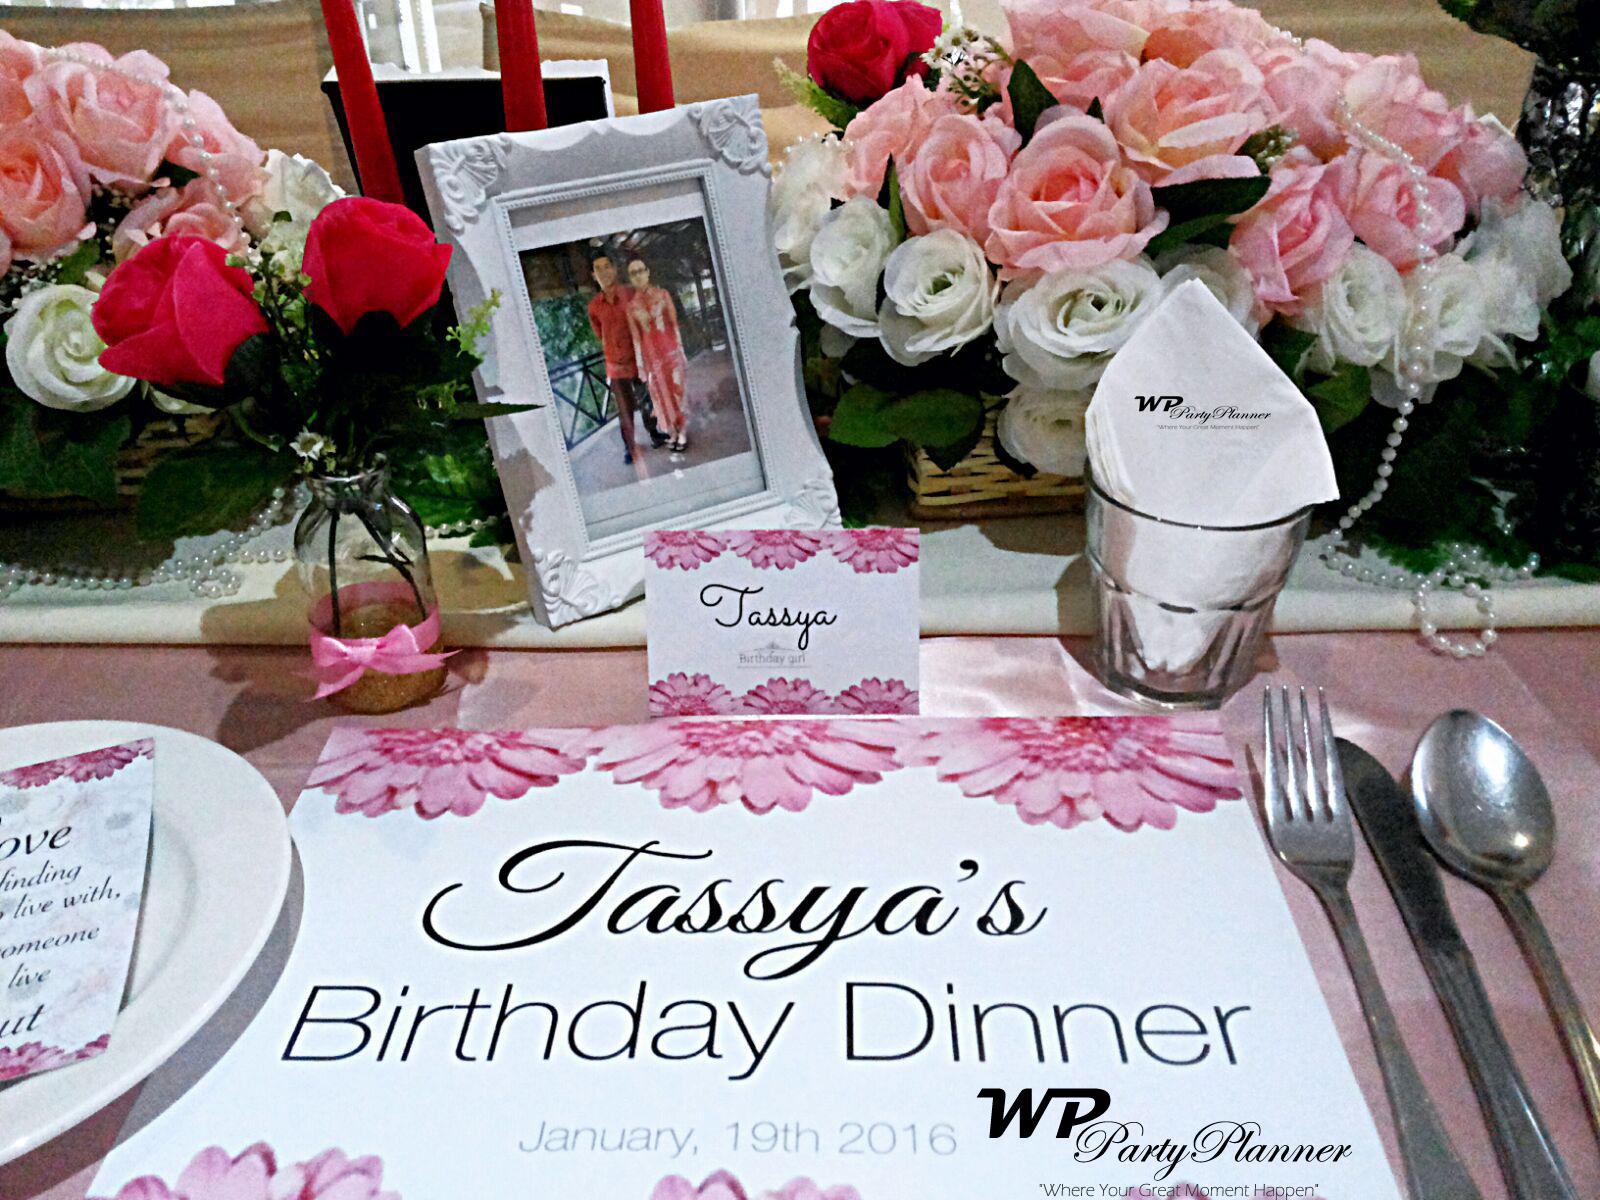 tassyas birthday dinner